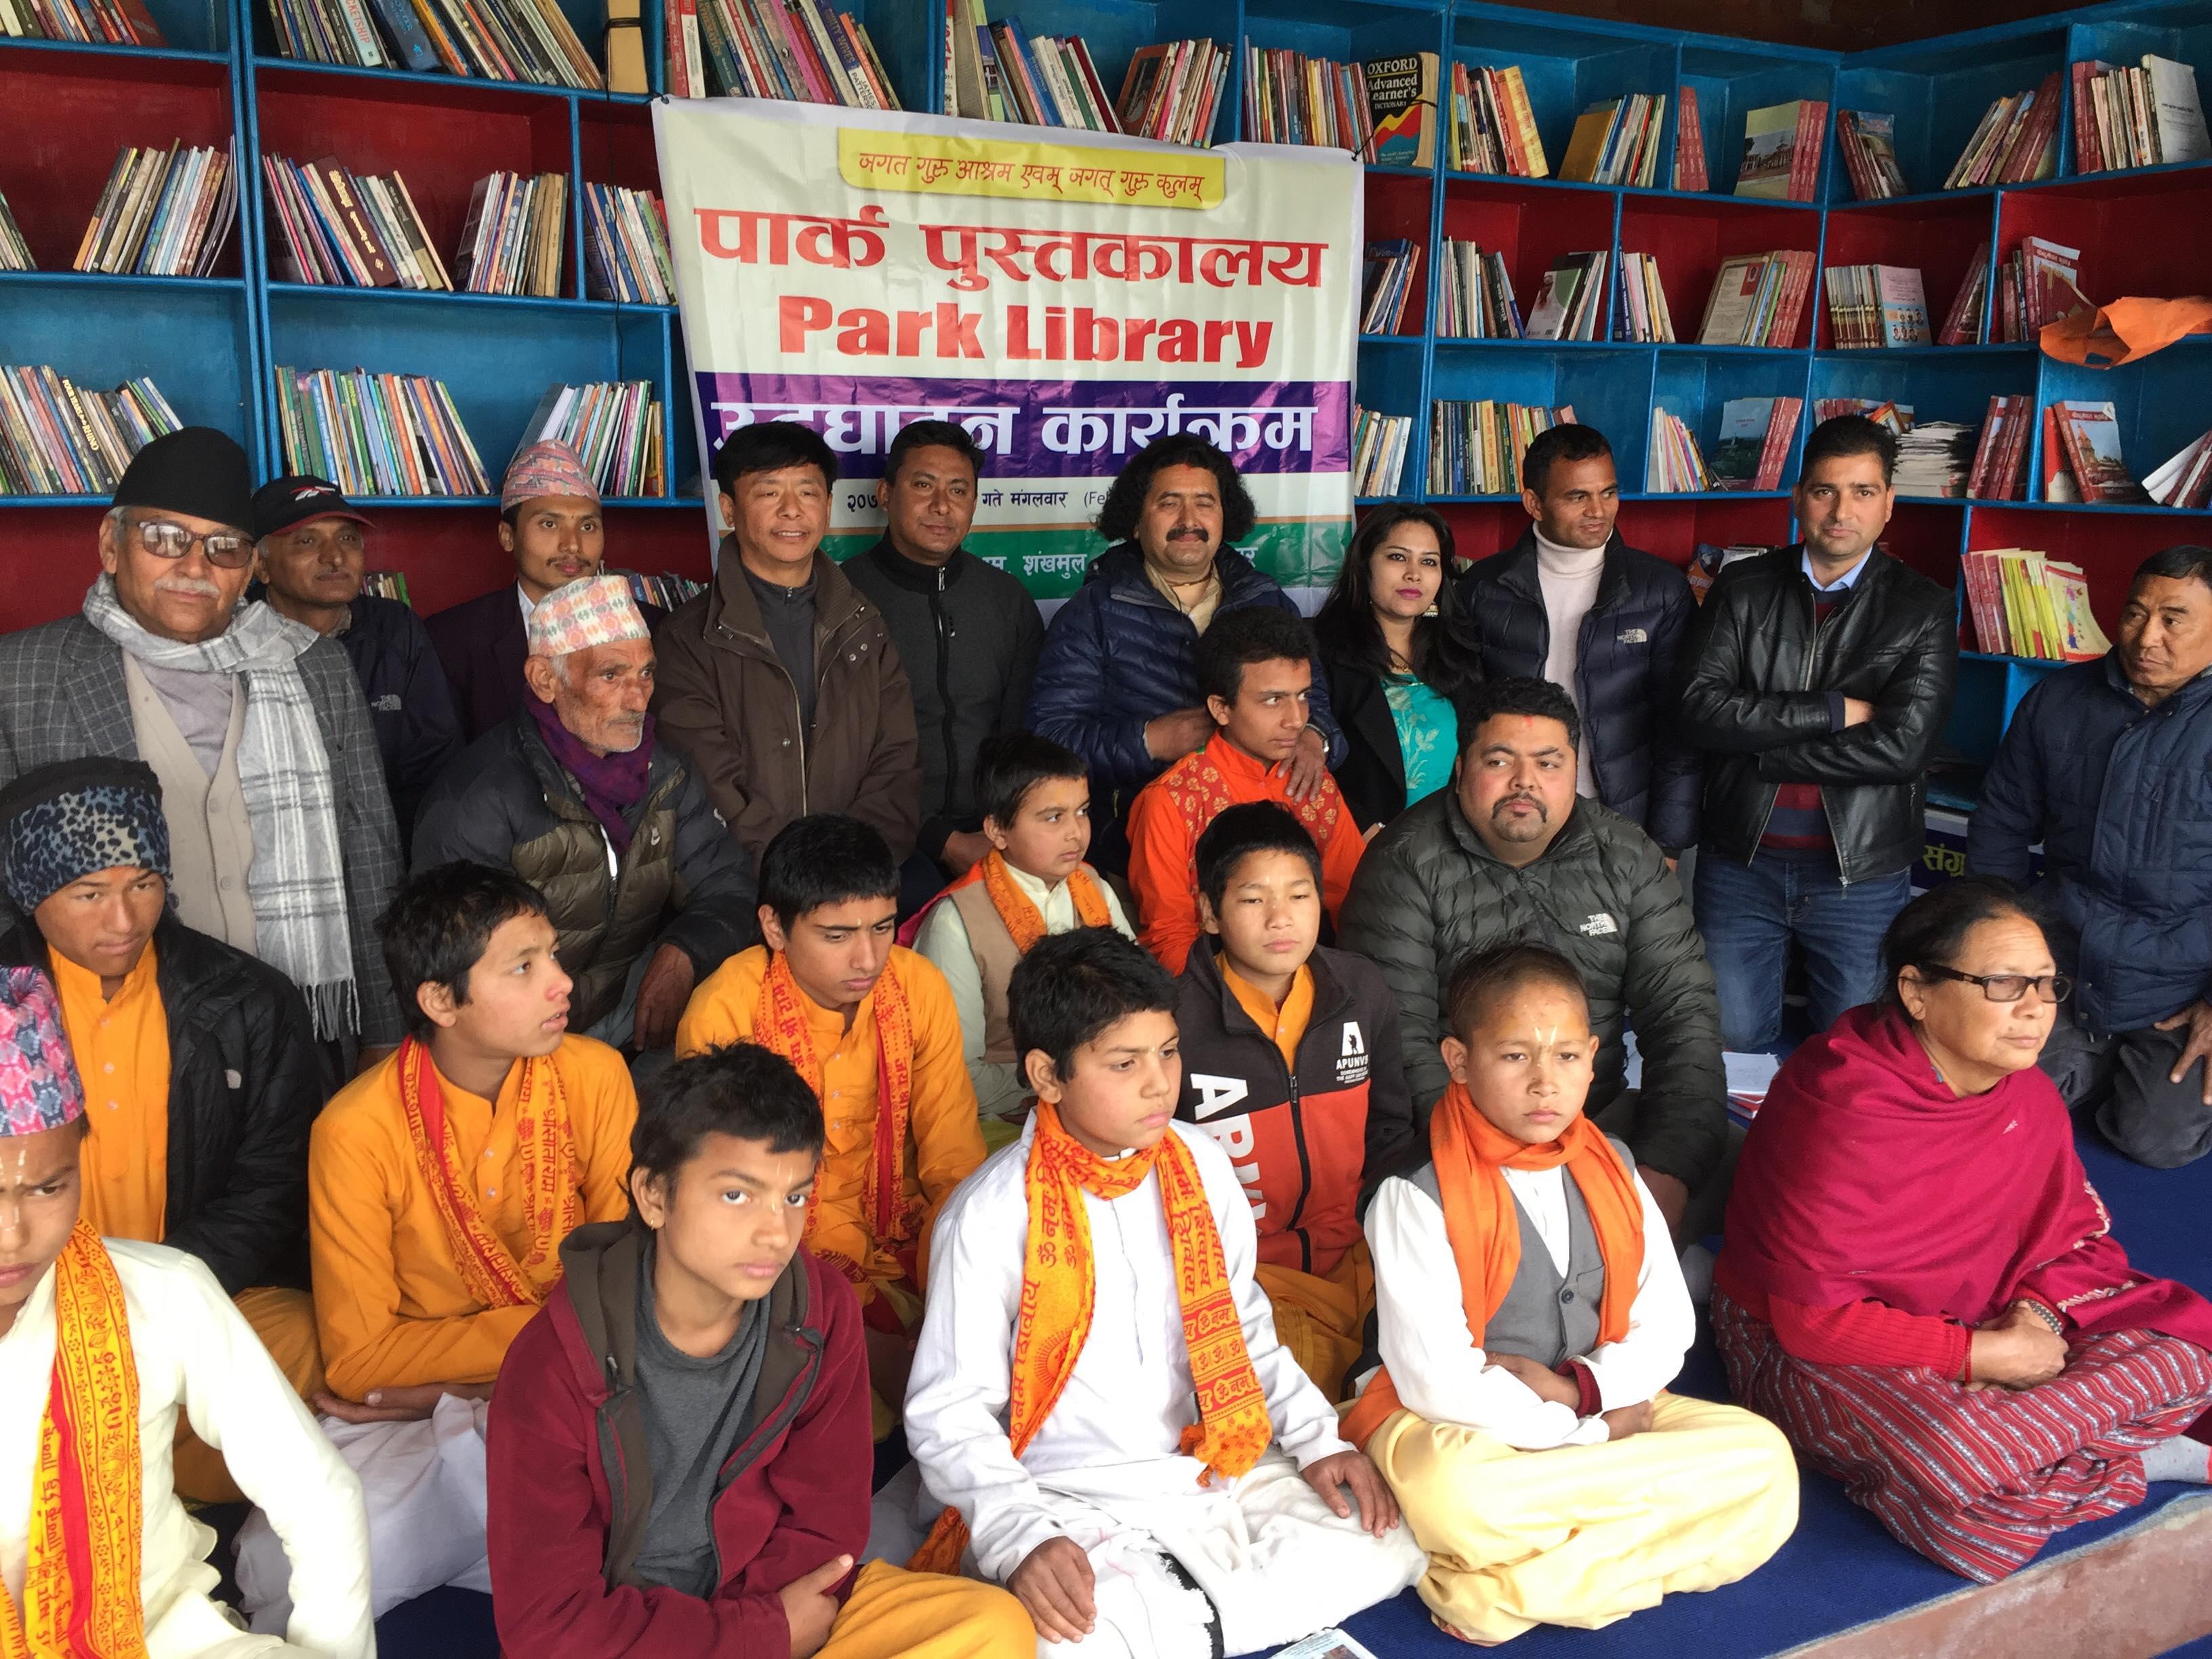 शंखमुलको शंख पार्कमा खुल्यो नेपालको पहिलो पार्क पुस्तकालय